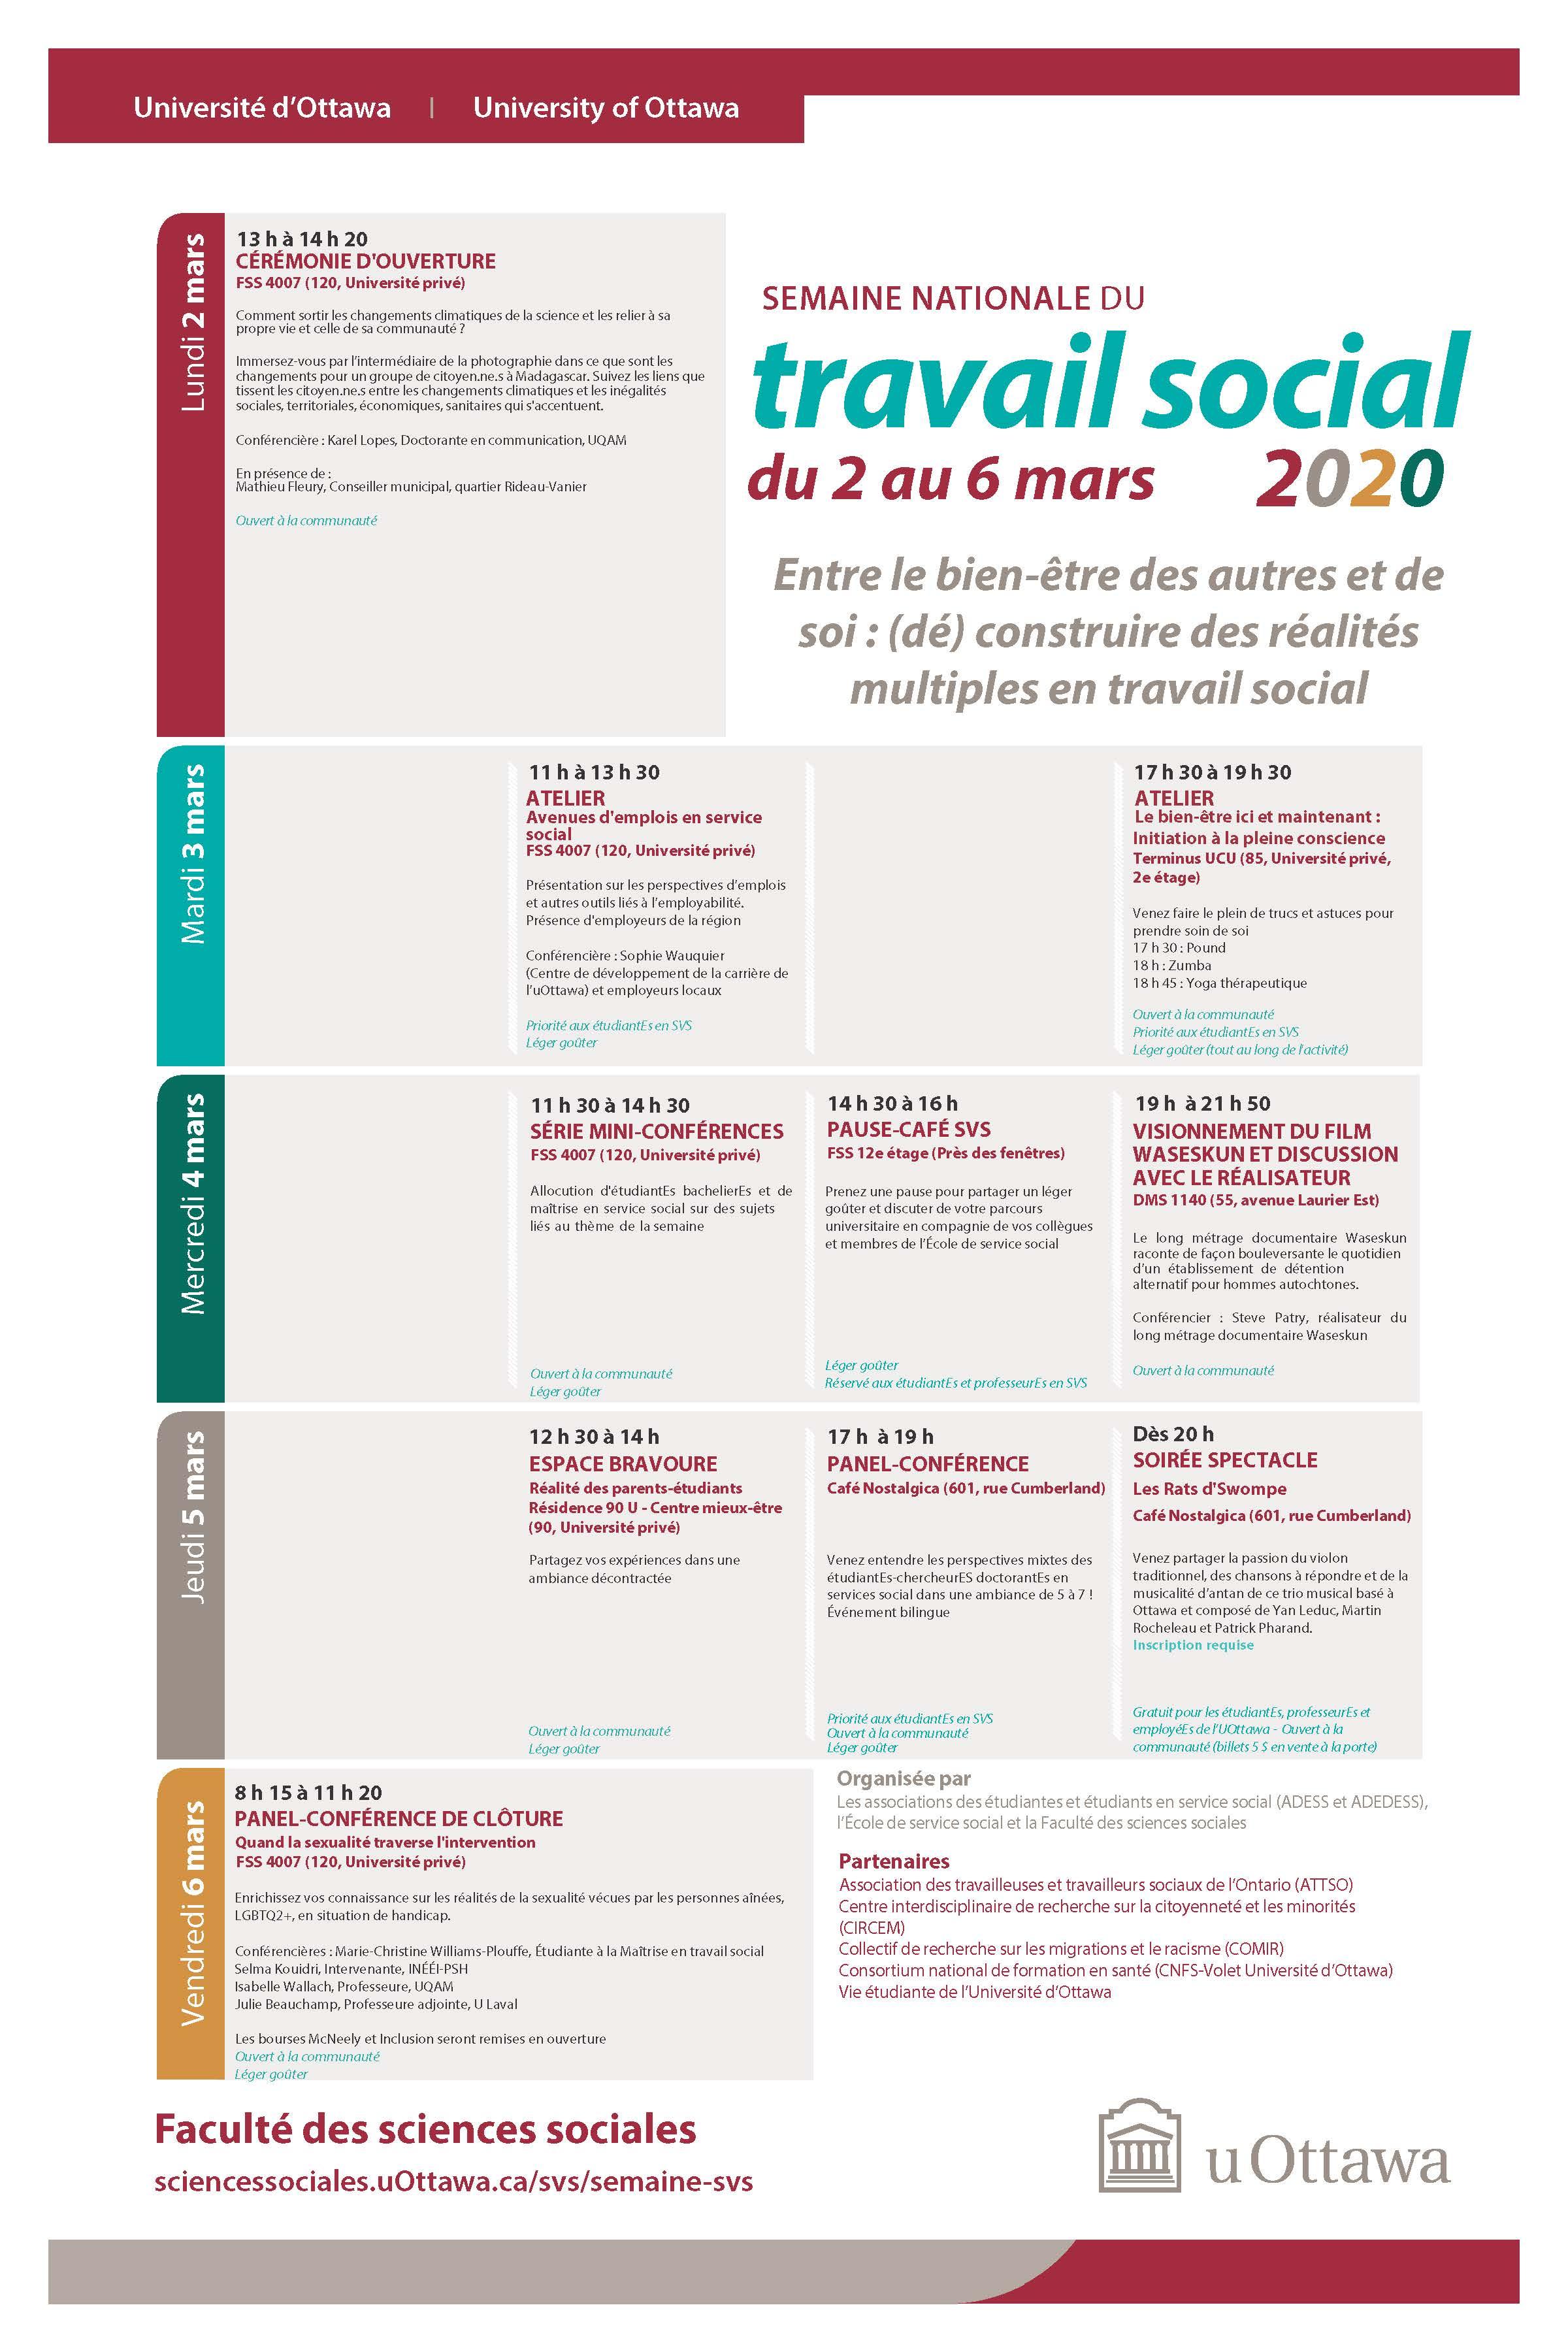 National Social Work Week schedule